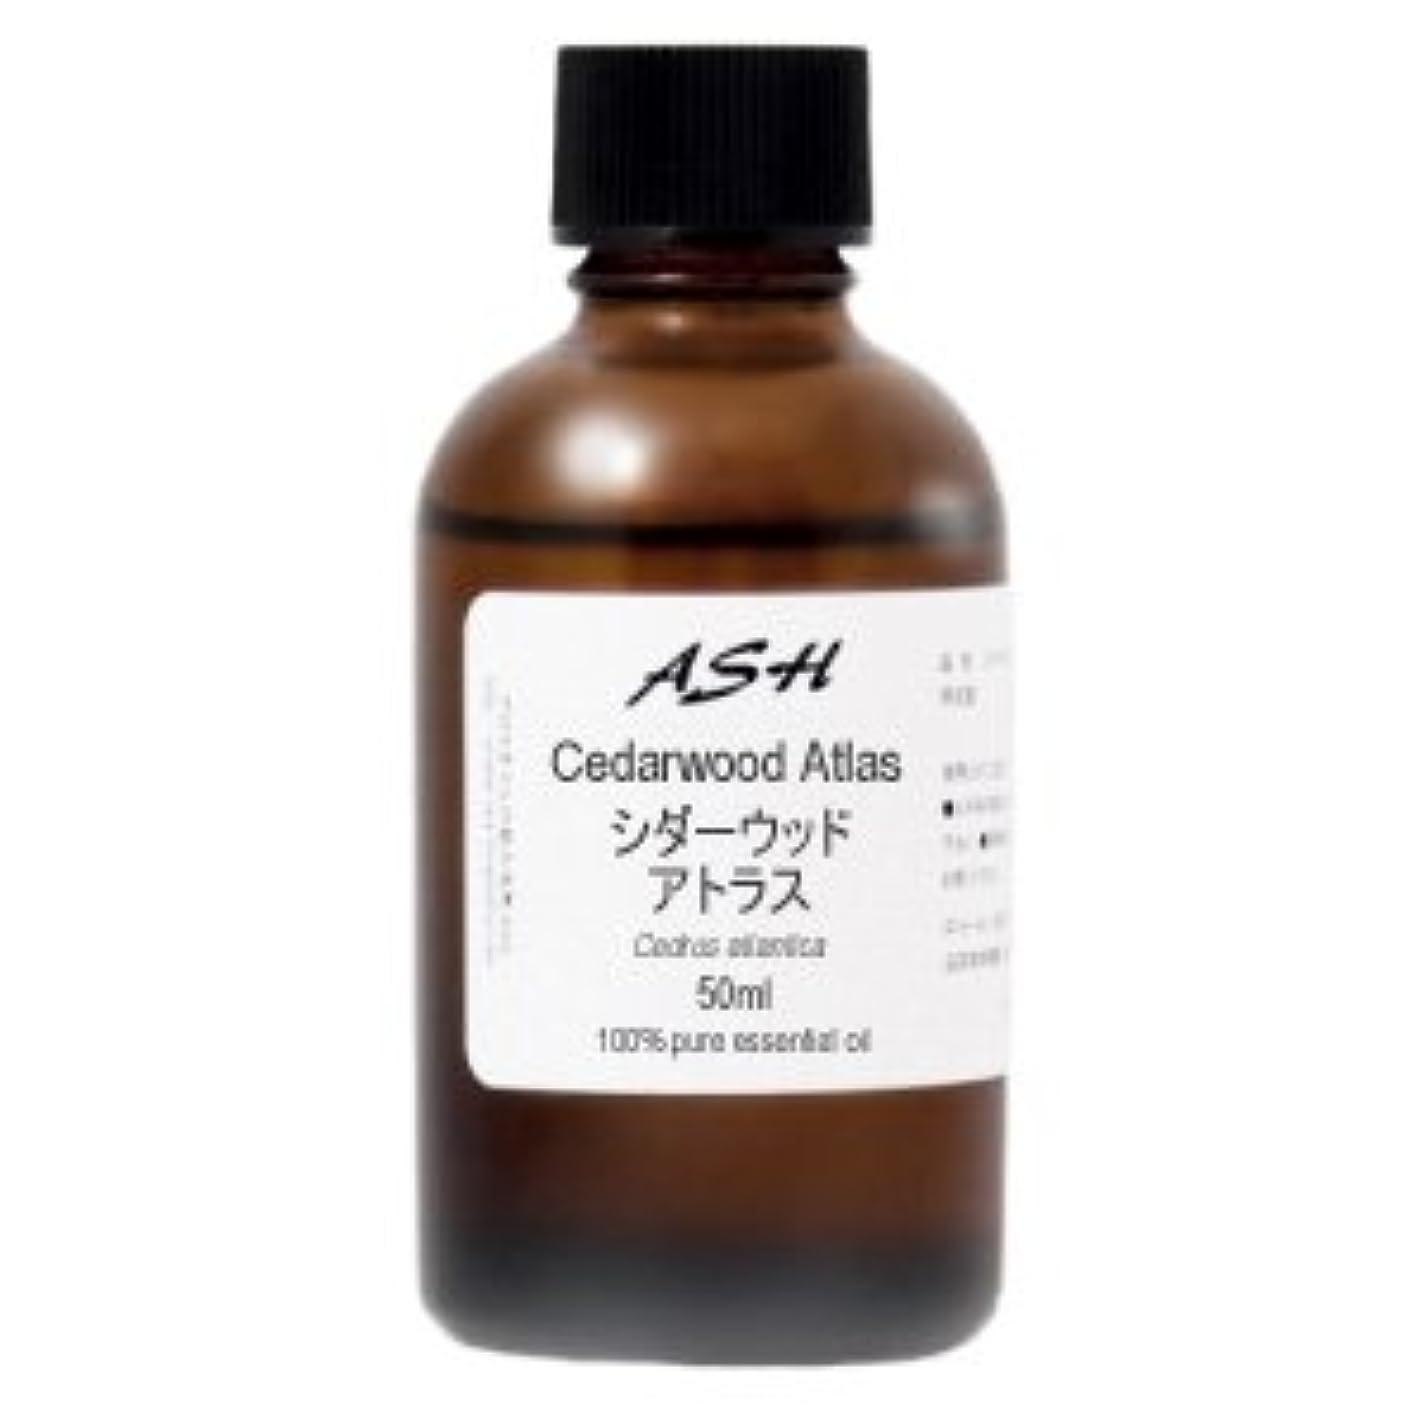 それに応じて割り当てます連結するASH シダーウッド エッセンシャルオイル 50ml AEAJ表示基準適合認定精油